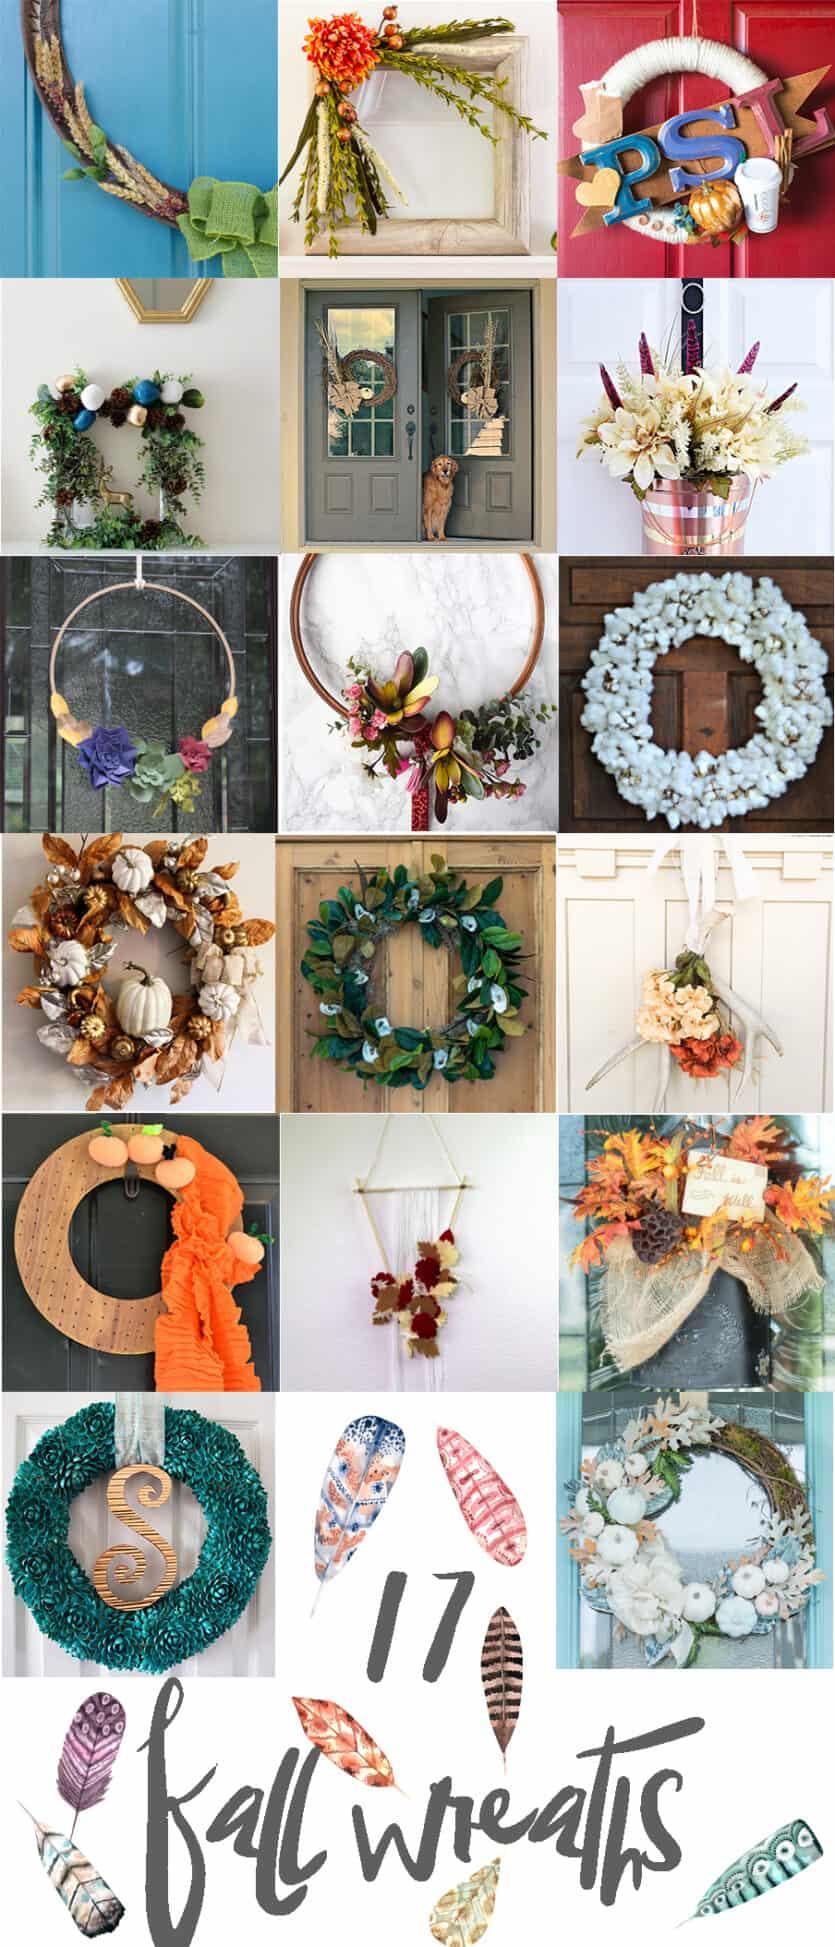 17 diy fall wreaths